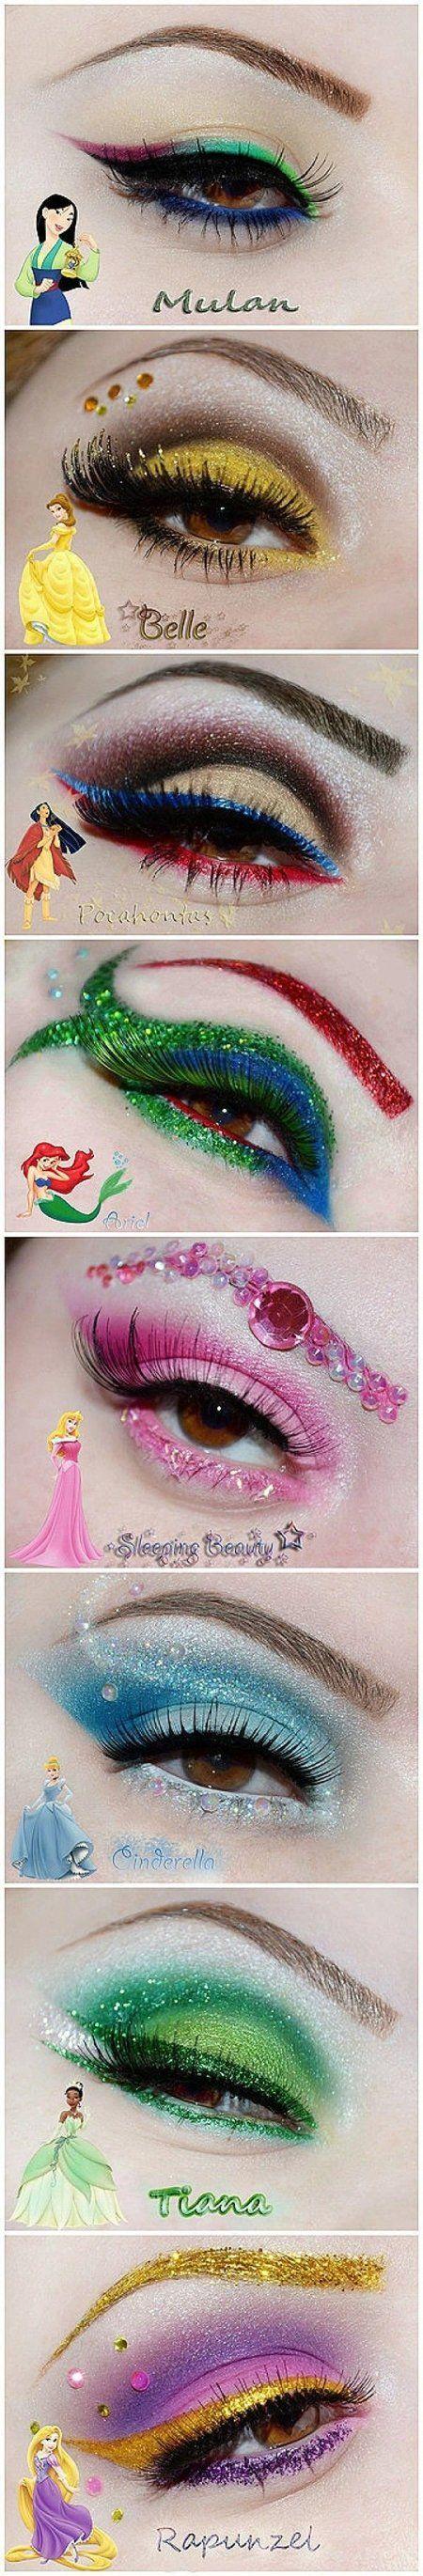 Disney princess eyes make up. Make up ideas for me and my bridesmaids to wear to my future wedding at Disneyland. Makeup Fx, Bad Makeup, Crazy Makeup, Cute Makeup, Worst Makeup, Clown Makeup, Prom Makeup, Makeup Geek, Eyeshadow Makeup